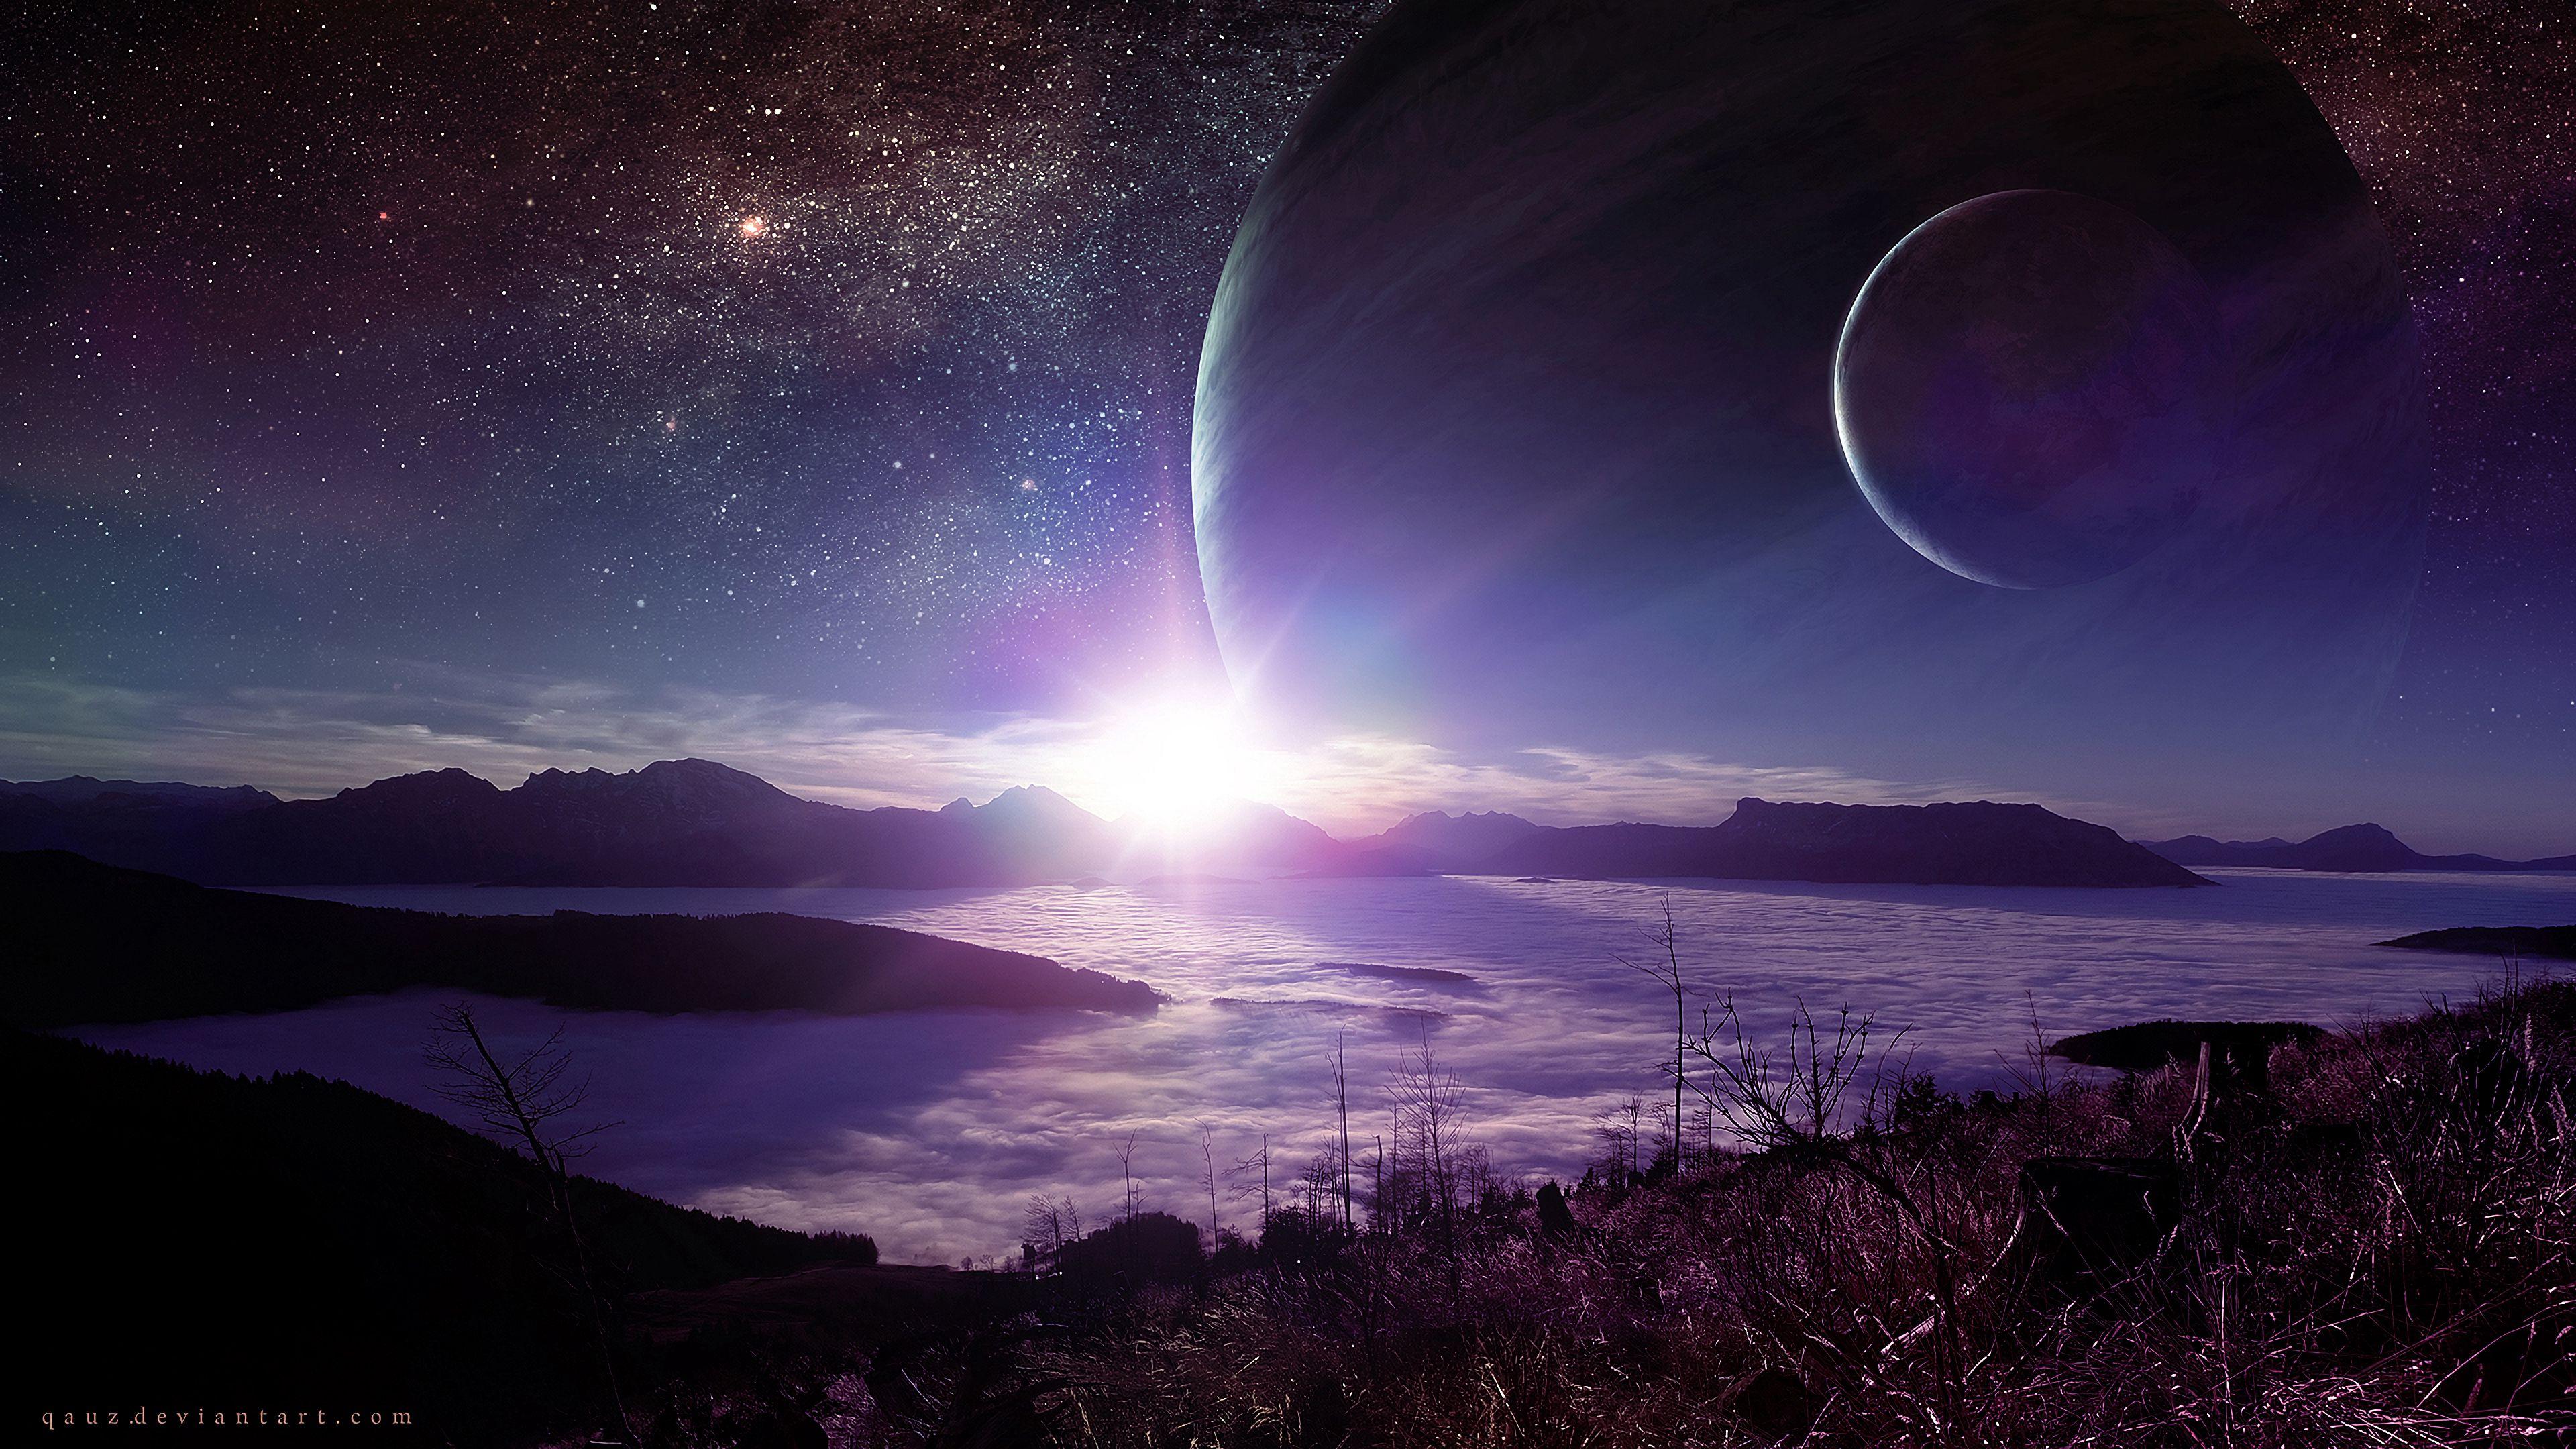 140634 télécharger le fond d'écran Planète, Éclat, Flash, Shining, Extraterrestre, Paysage, Univers - économiseurs d'écran et images gratuitement